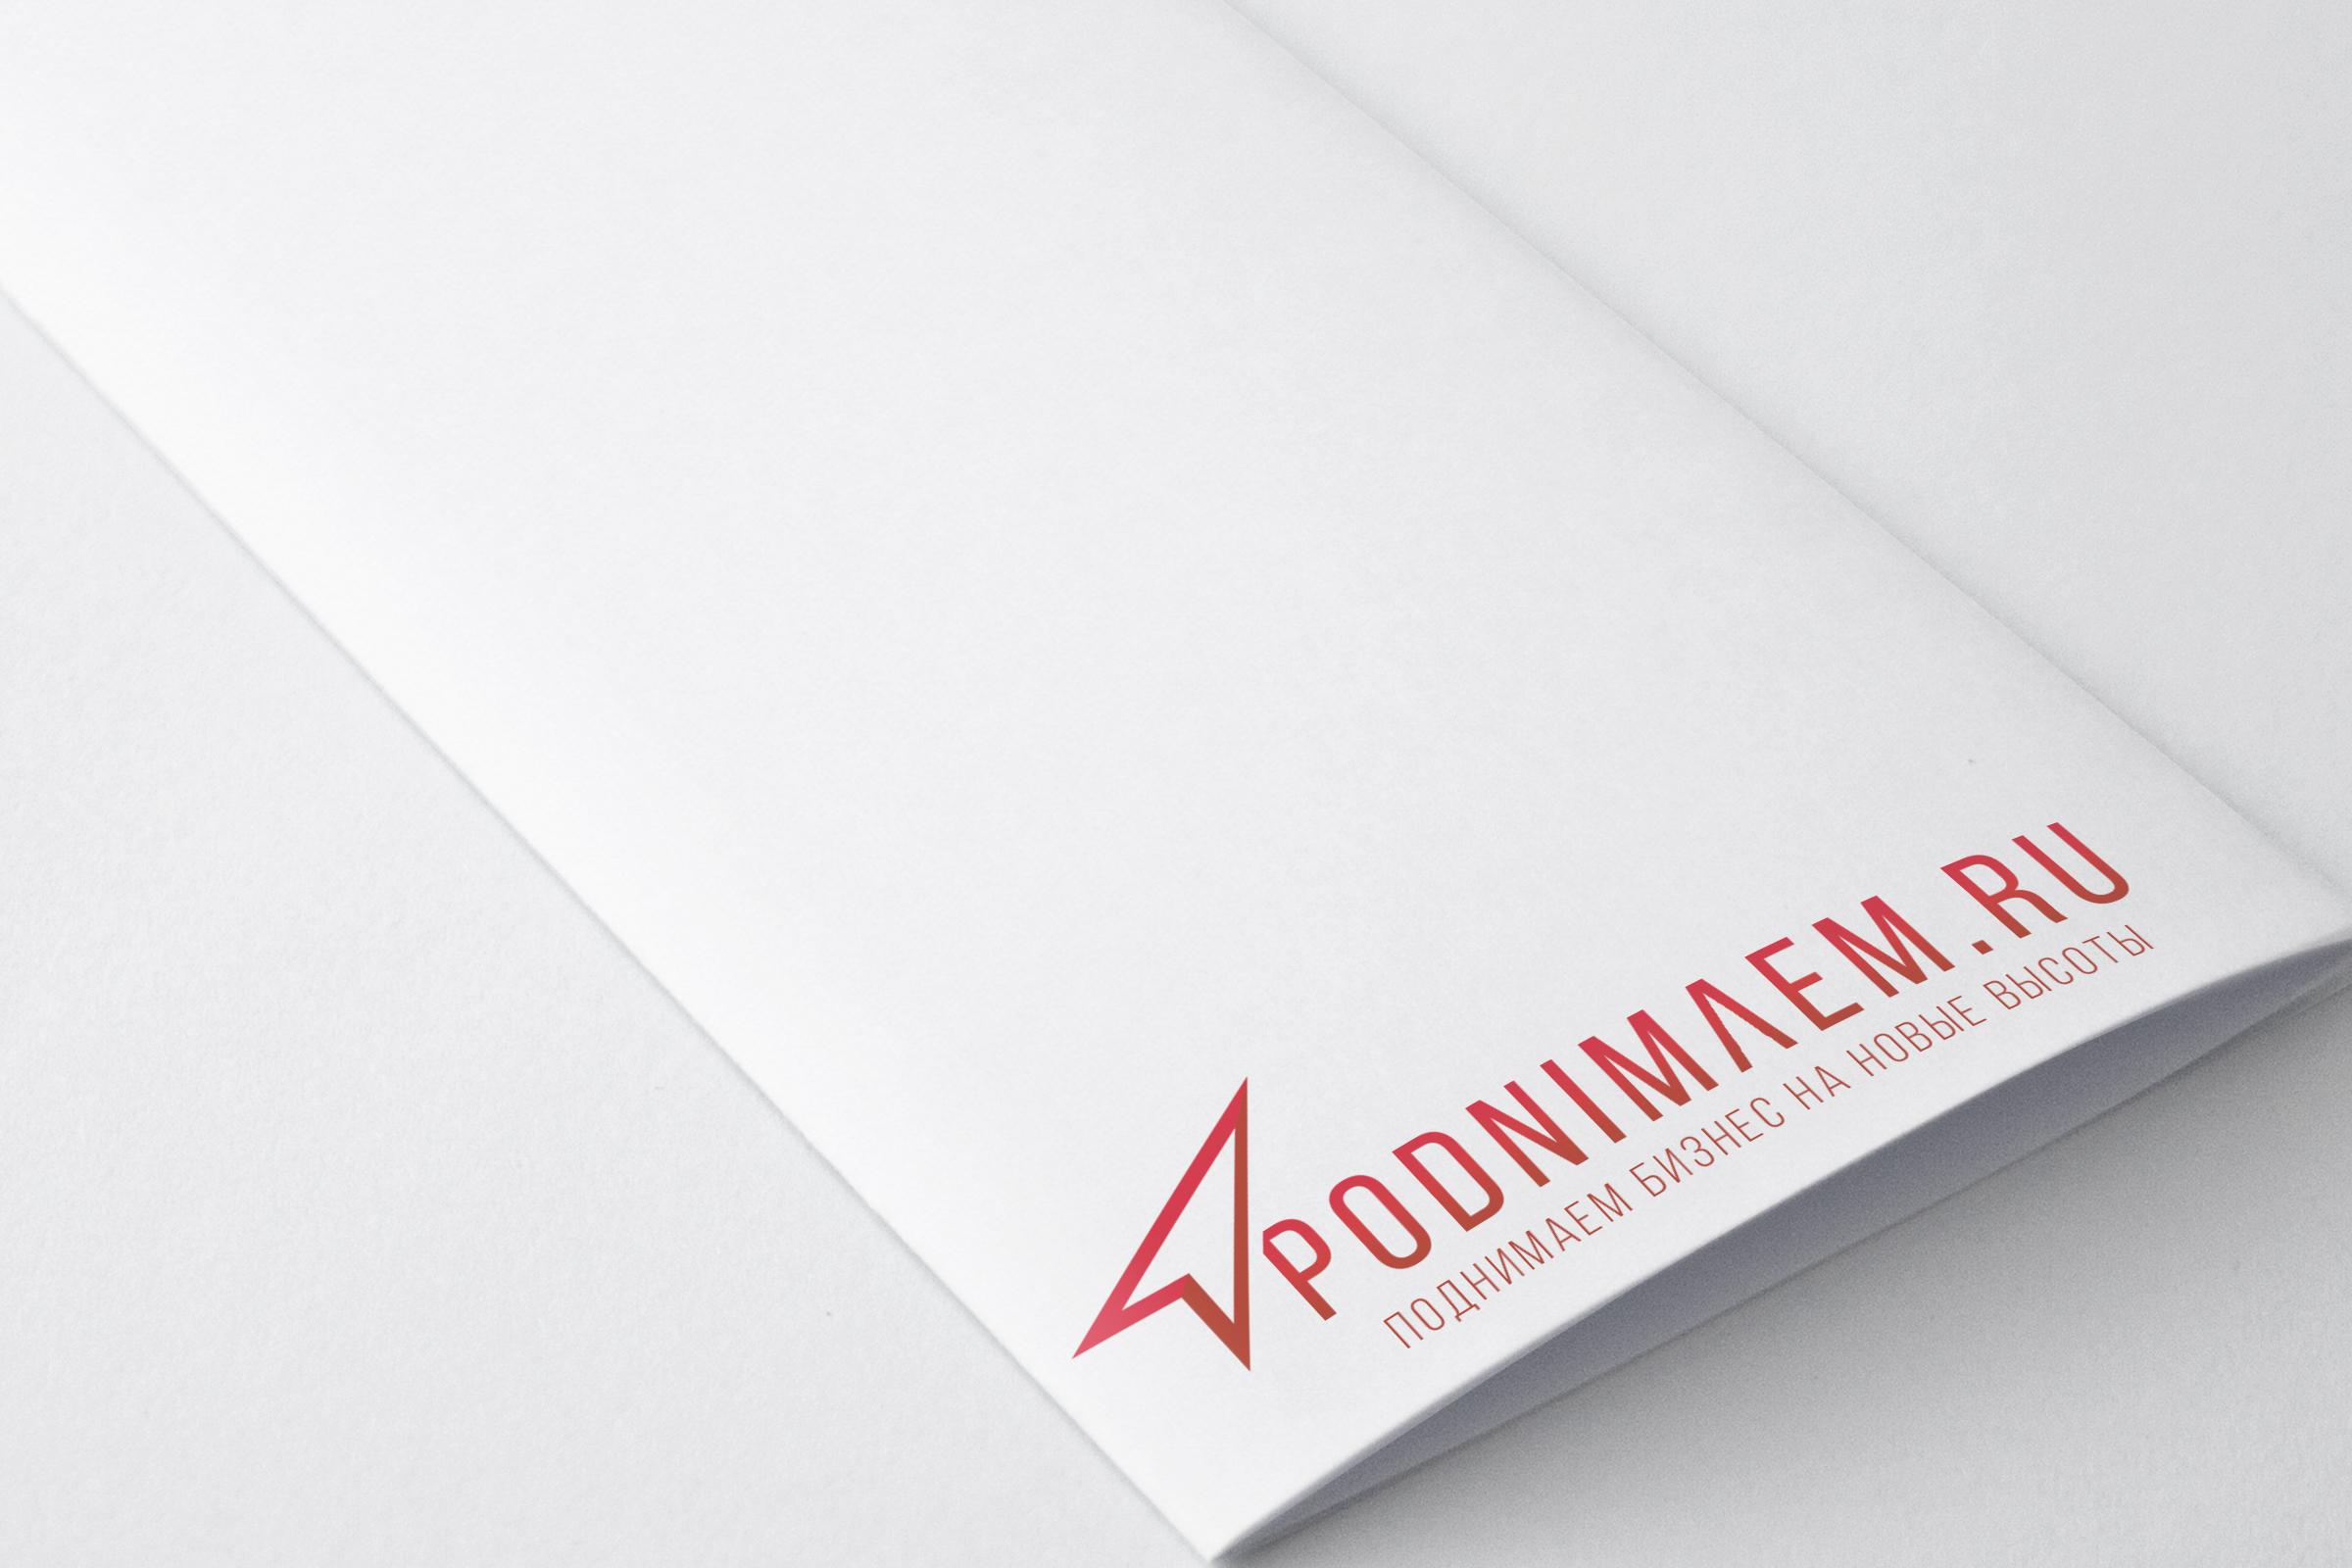 Разработать логотип + визитку + логотип для печати ООО +++ фото f_90355550bd4d2f33.jpg